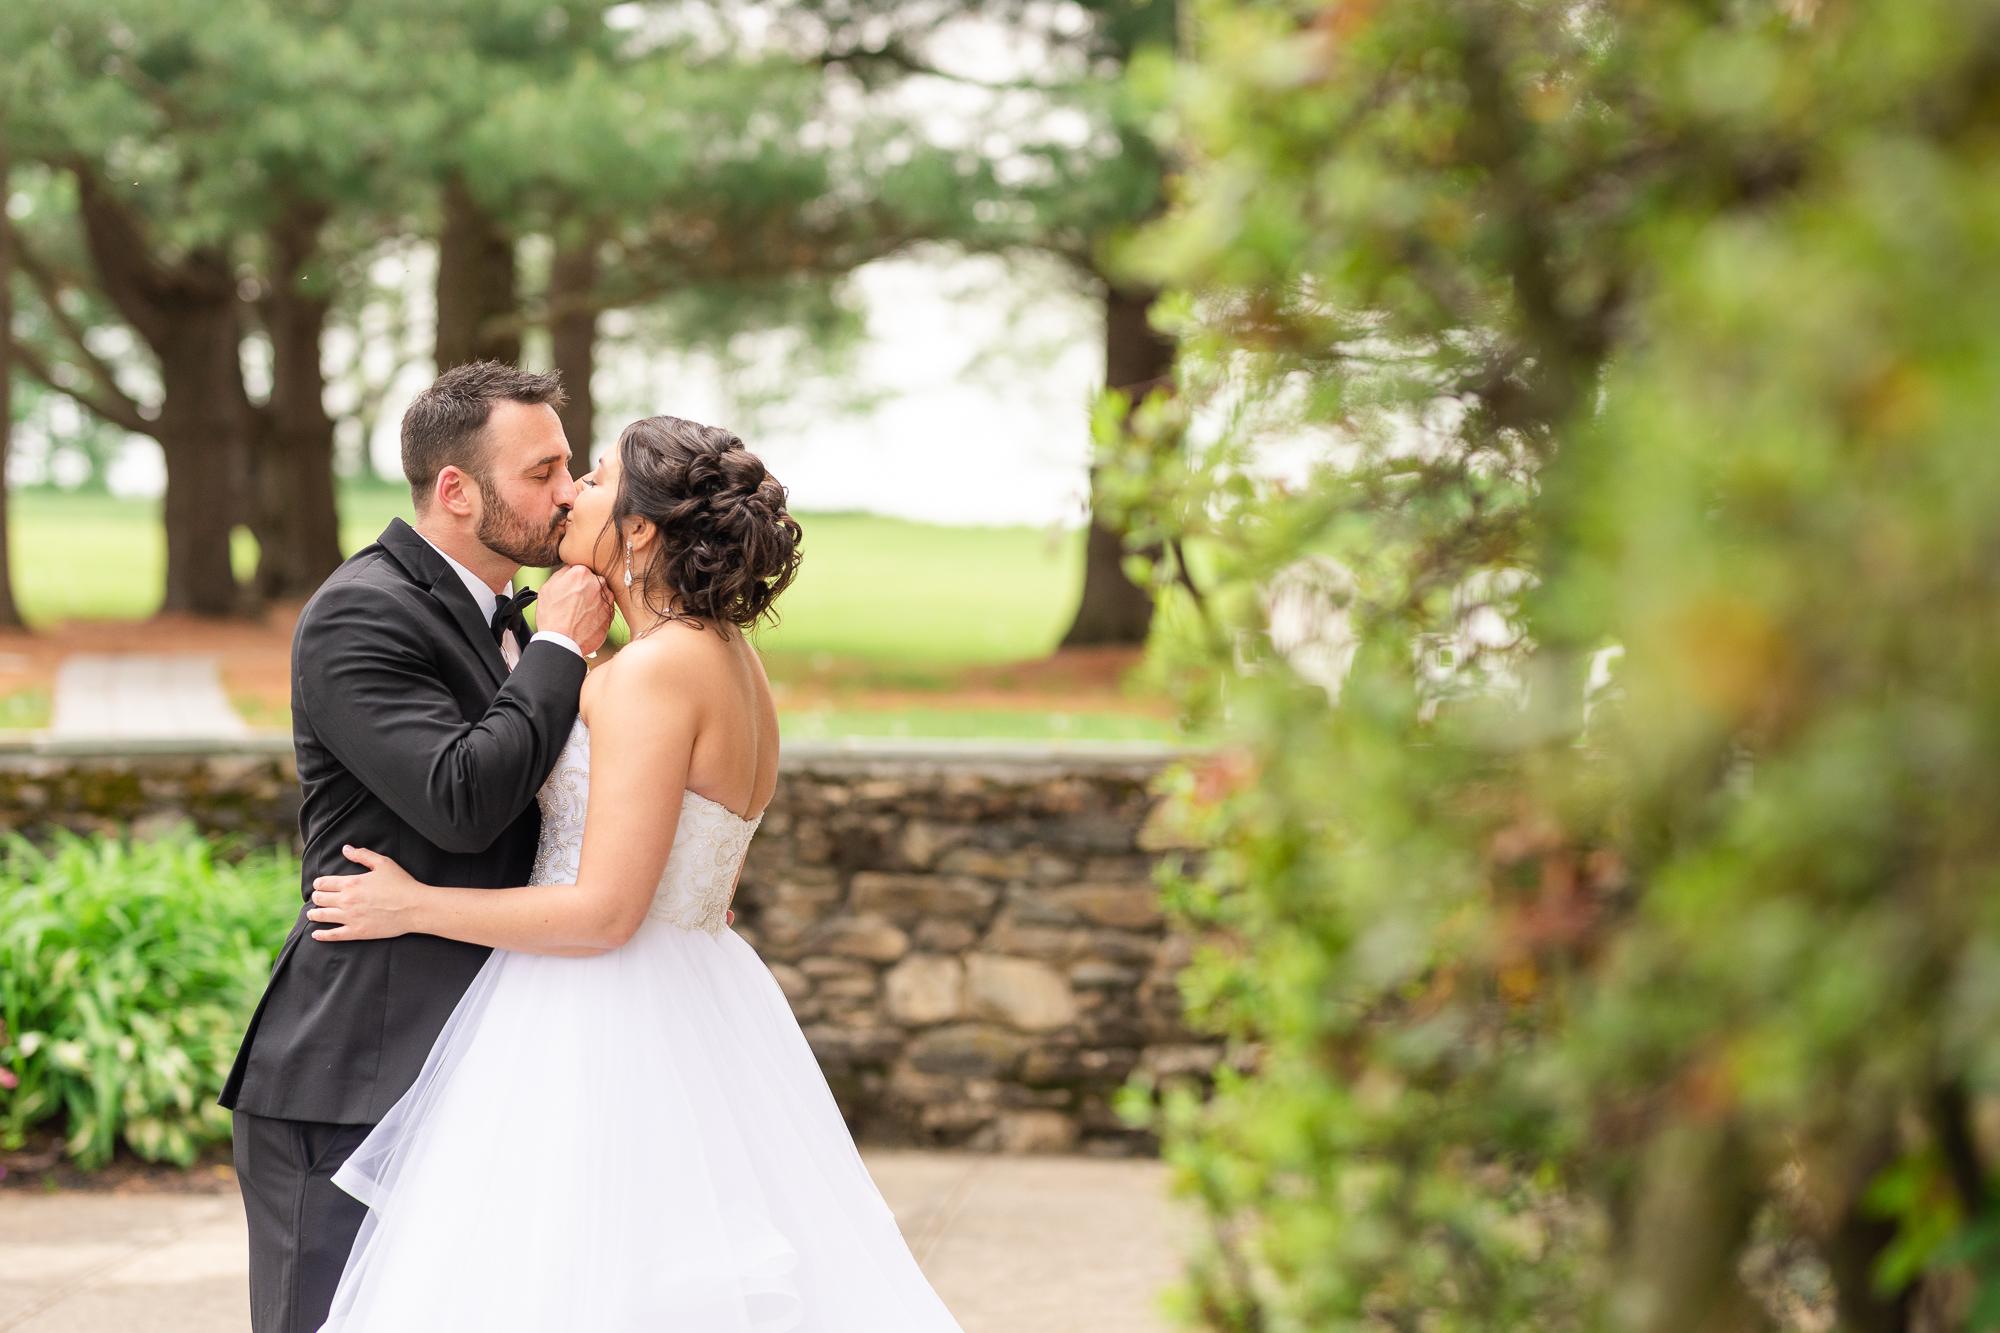 Stone-manor-country-club-wedding-photos-100-3.jpg